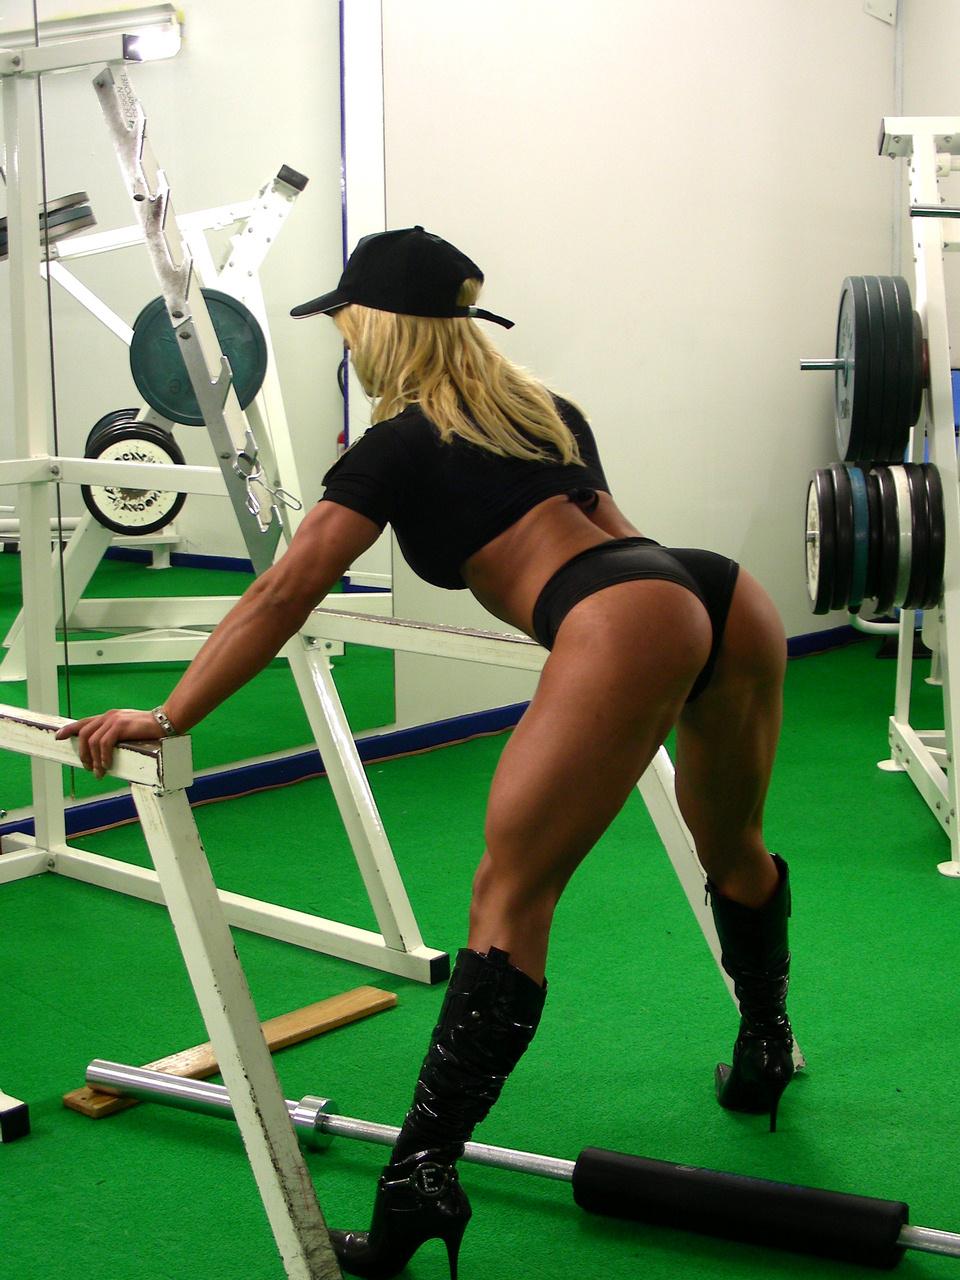 Фото девушки бодибилдинг фитнес 9 фотография